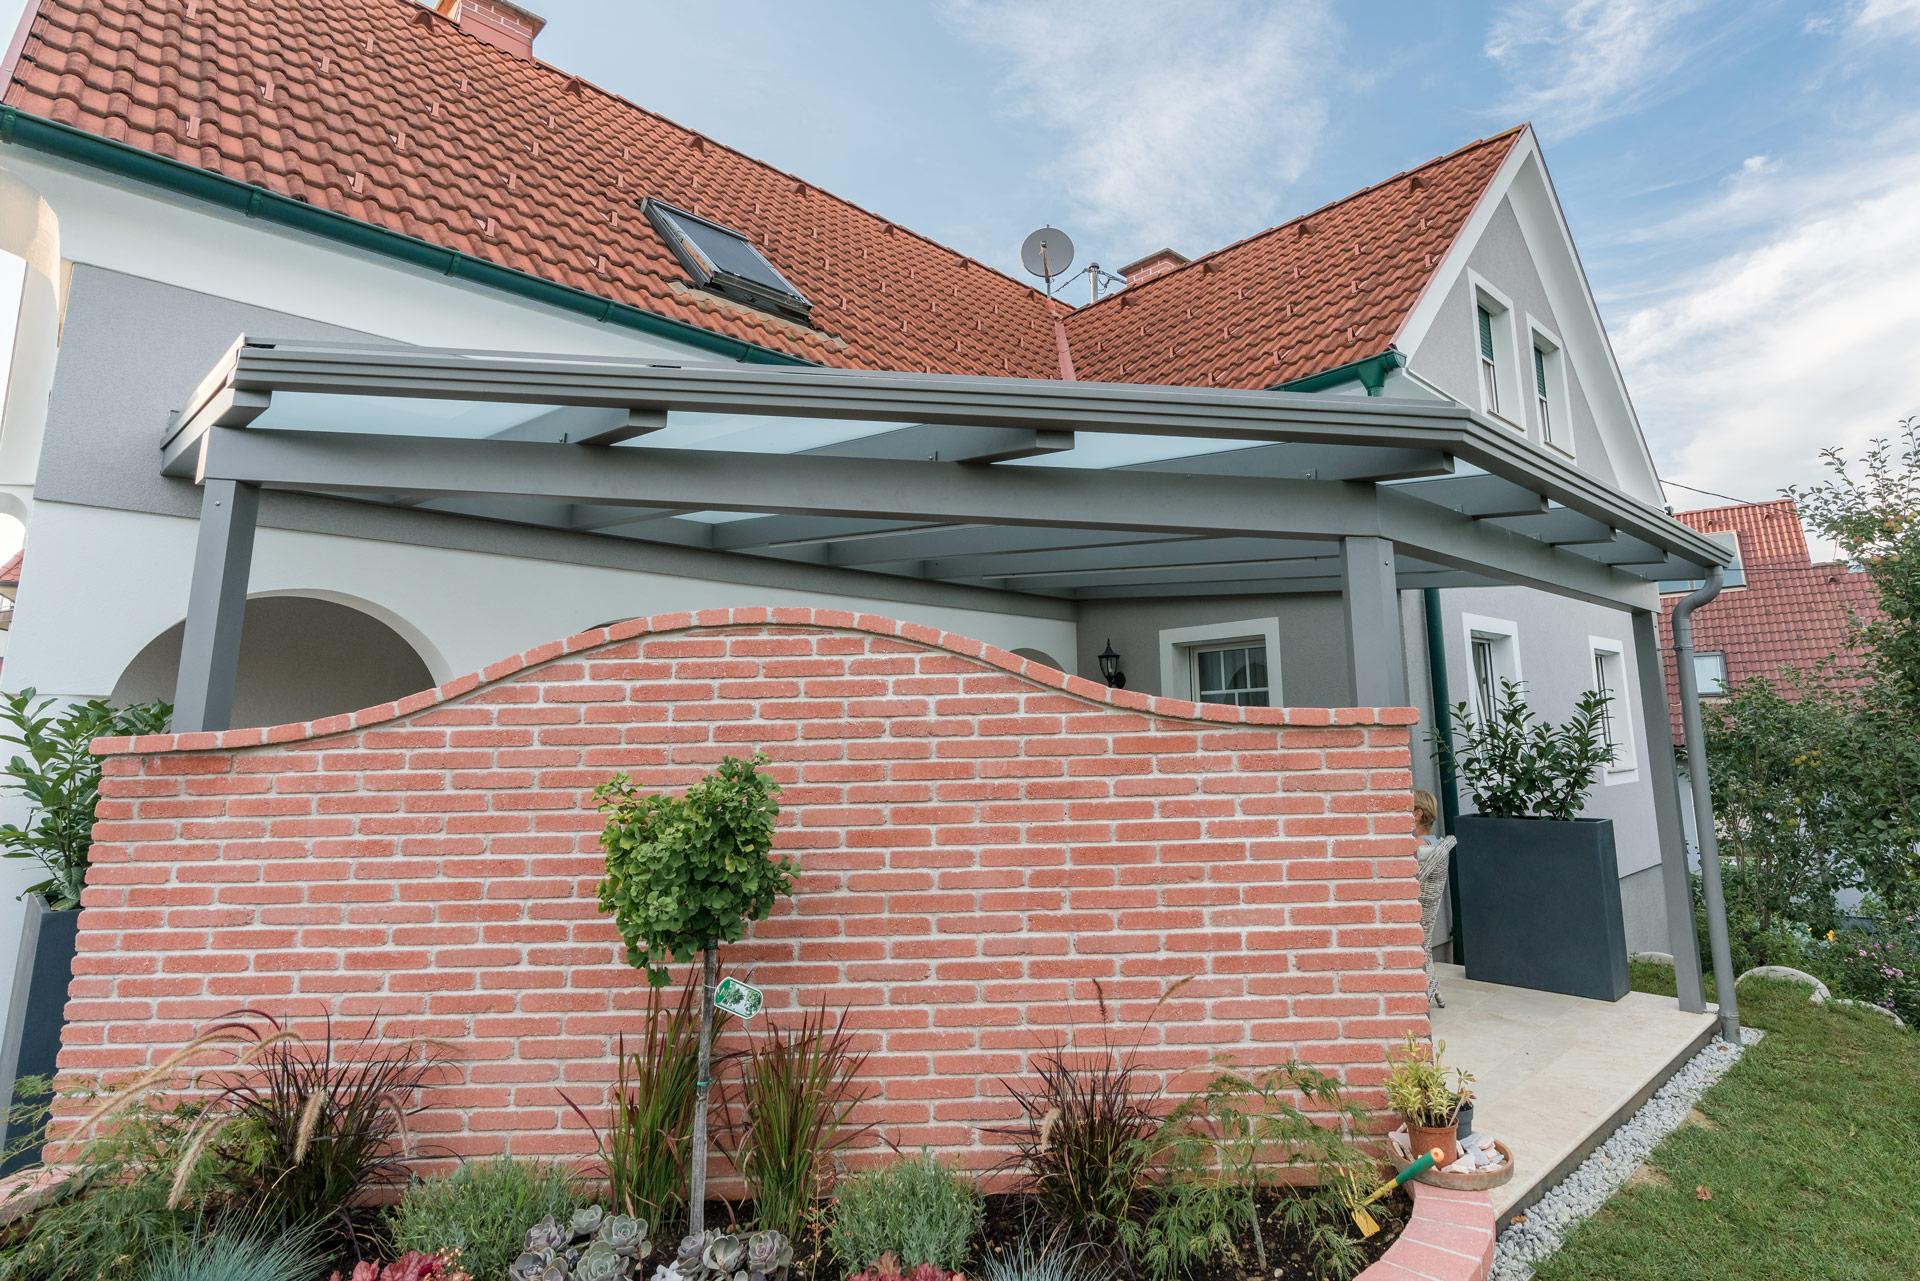 Terrassendach Alu 83 a | Sonderform Rechteck & Dreieck kombiniert, Alu hellgrau, mattglas | Svoboda